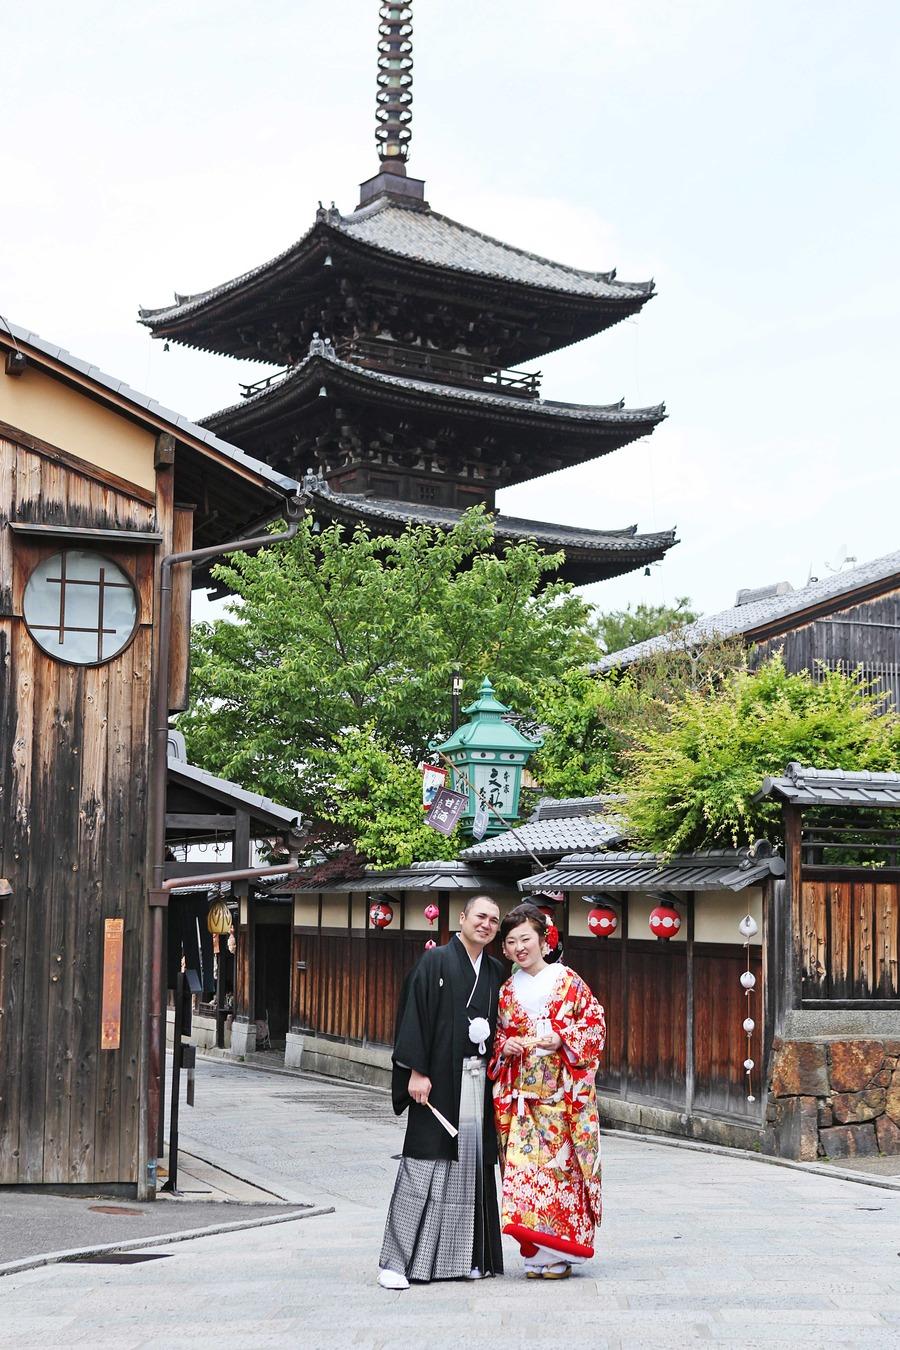 八坂の塔をバックに和装前撮り 清水寺界隈